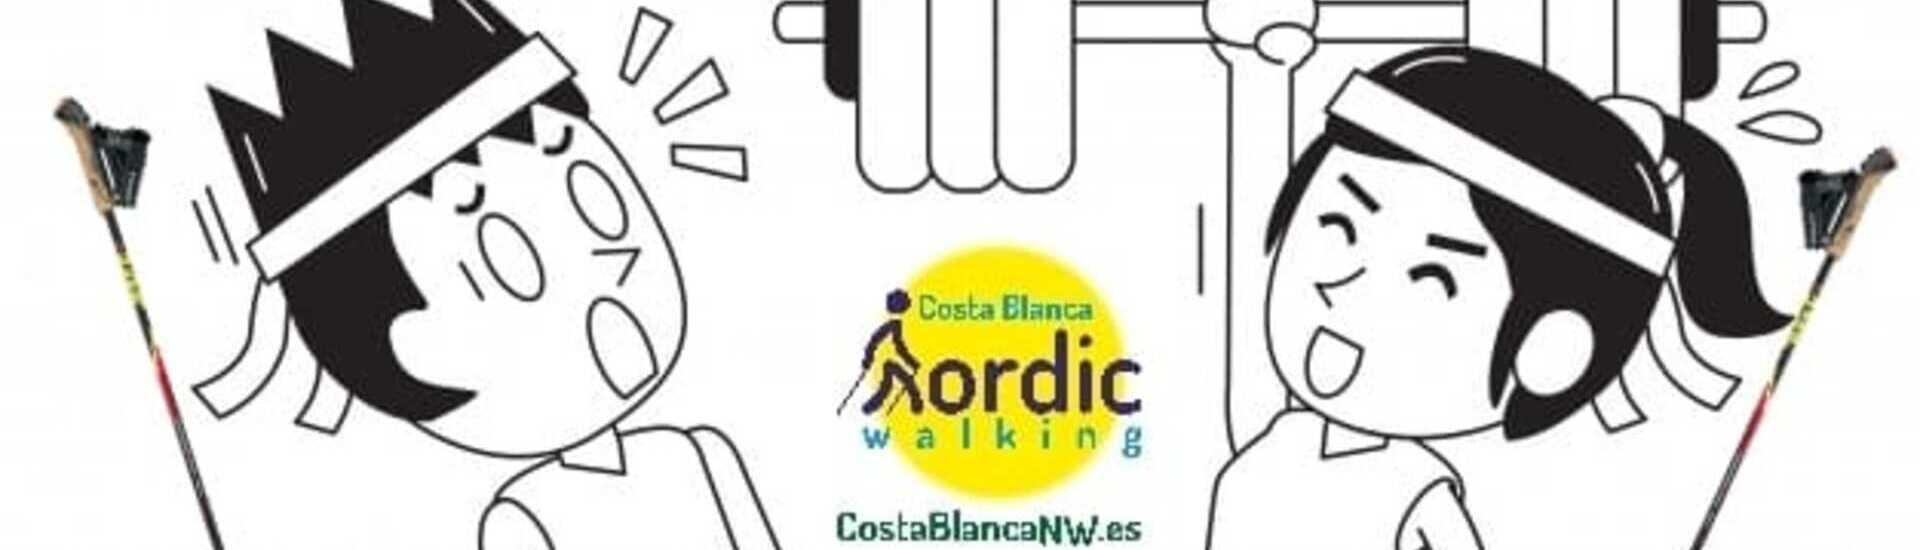 Ruta de Marcha Nórdica a la cueva Bolumini de Alfafara